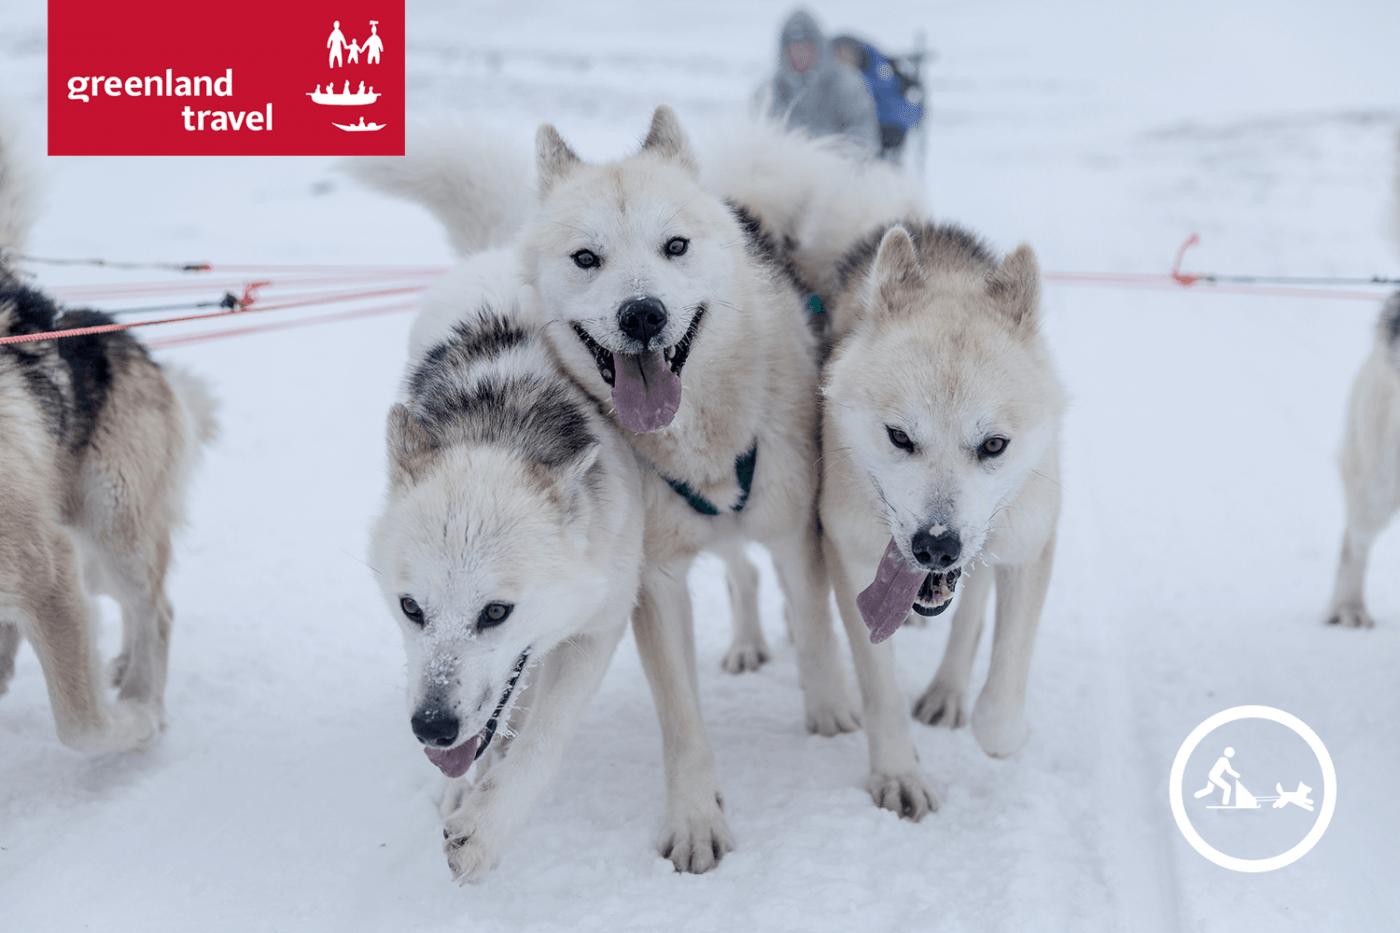 Grønlands Rejsebureau: Vinterweekend i særklasse